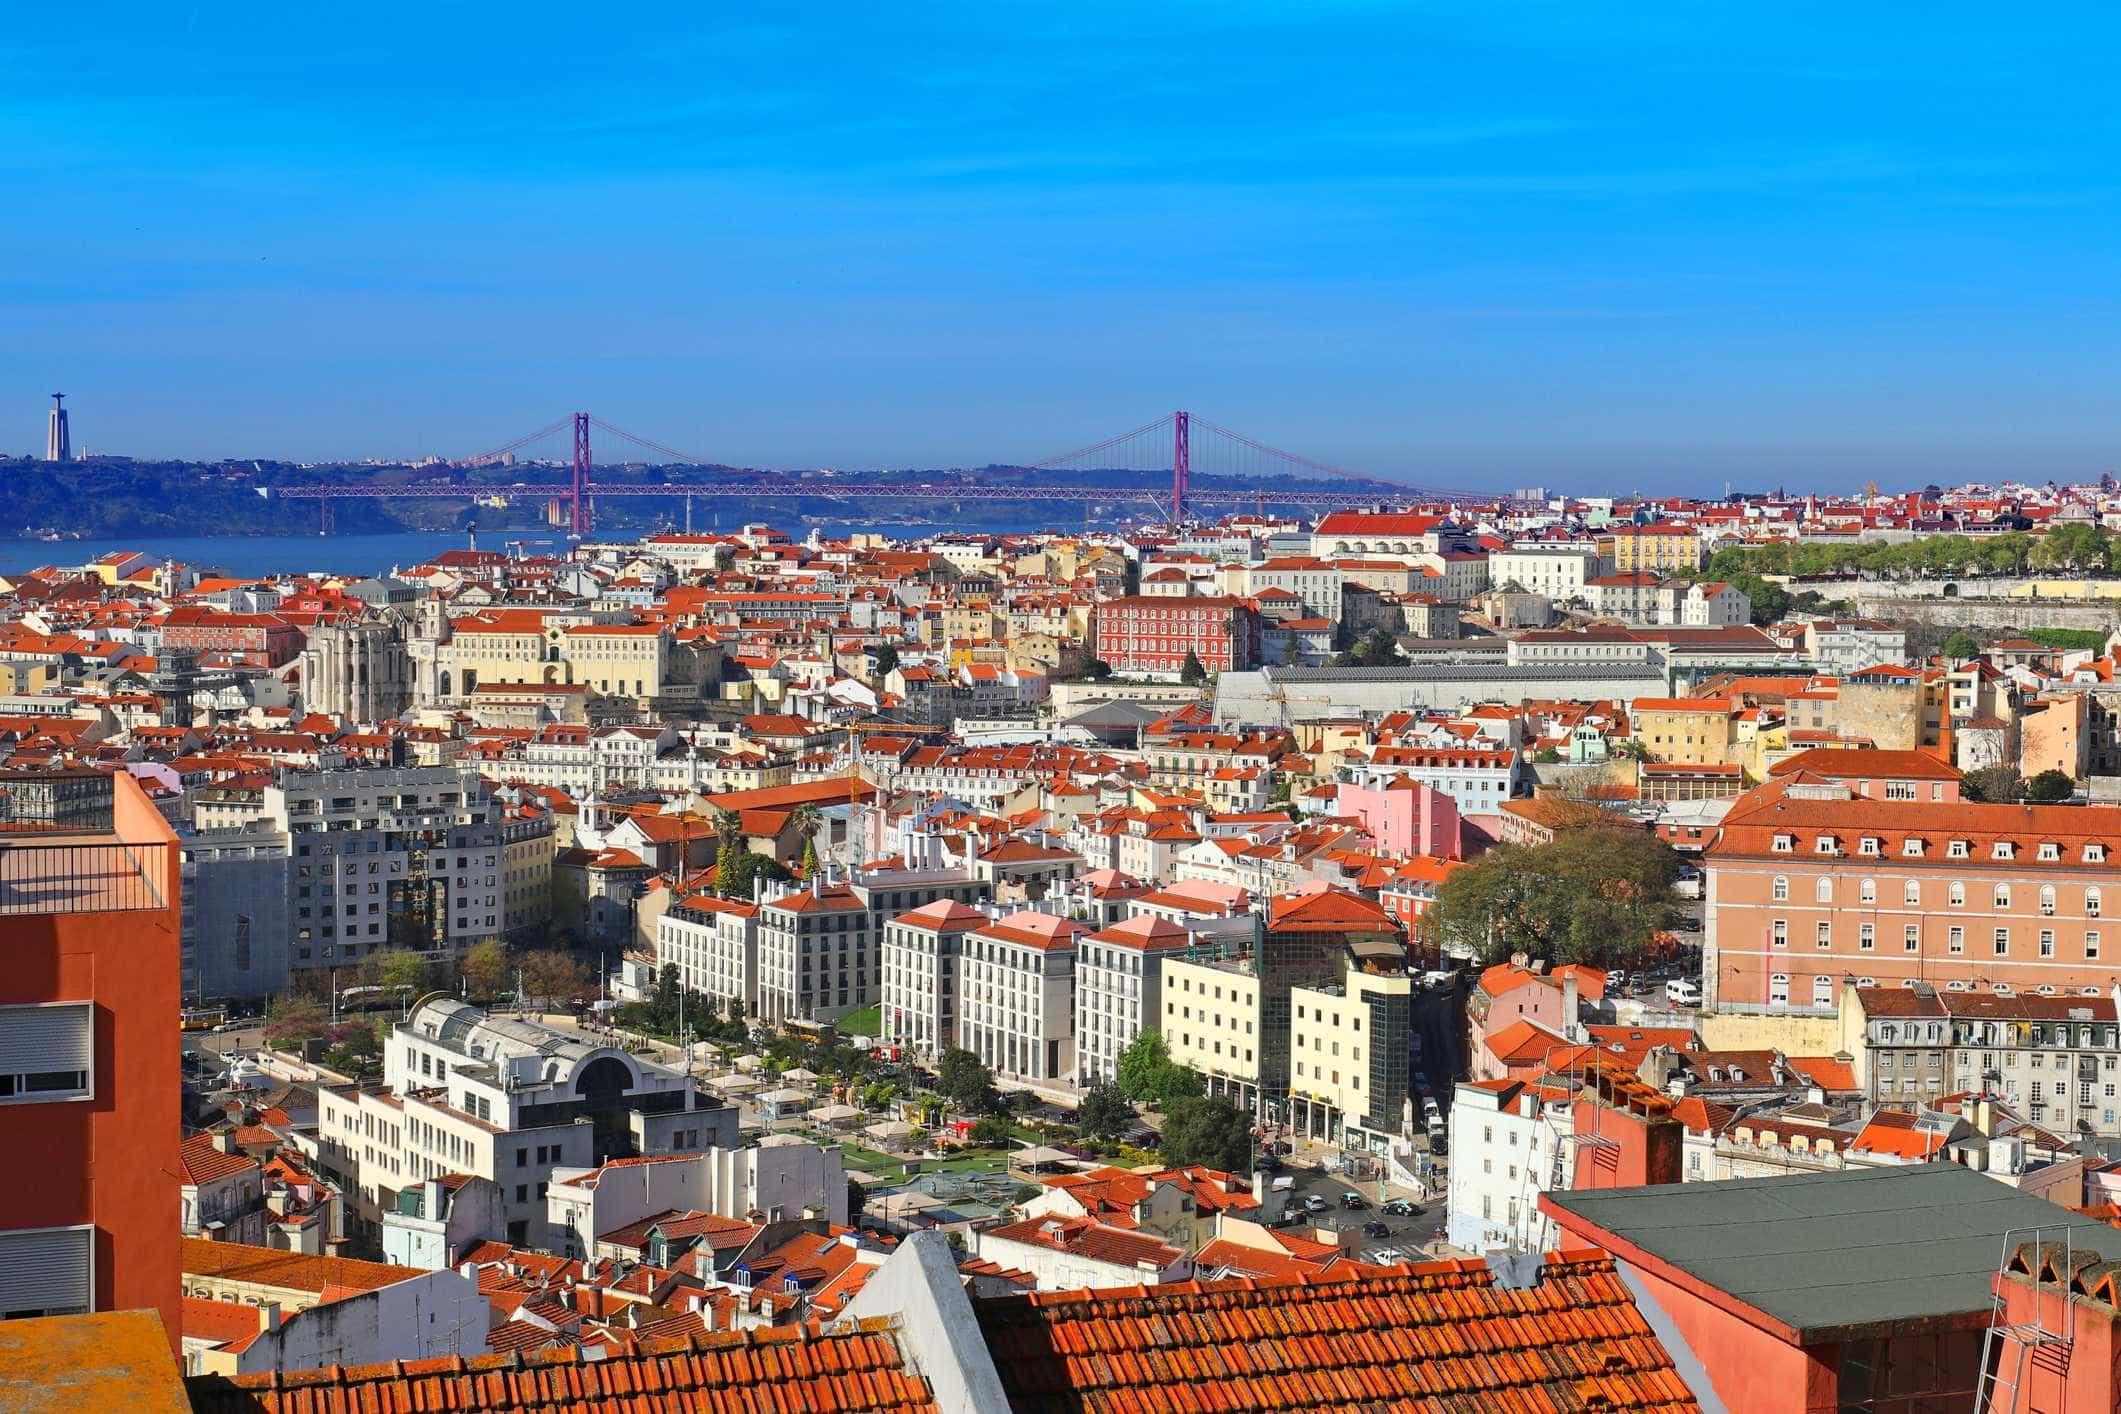 Turismo gerou 13,7 mil milhões na Região de Lisboa. E quantos empregos?